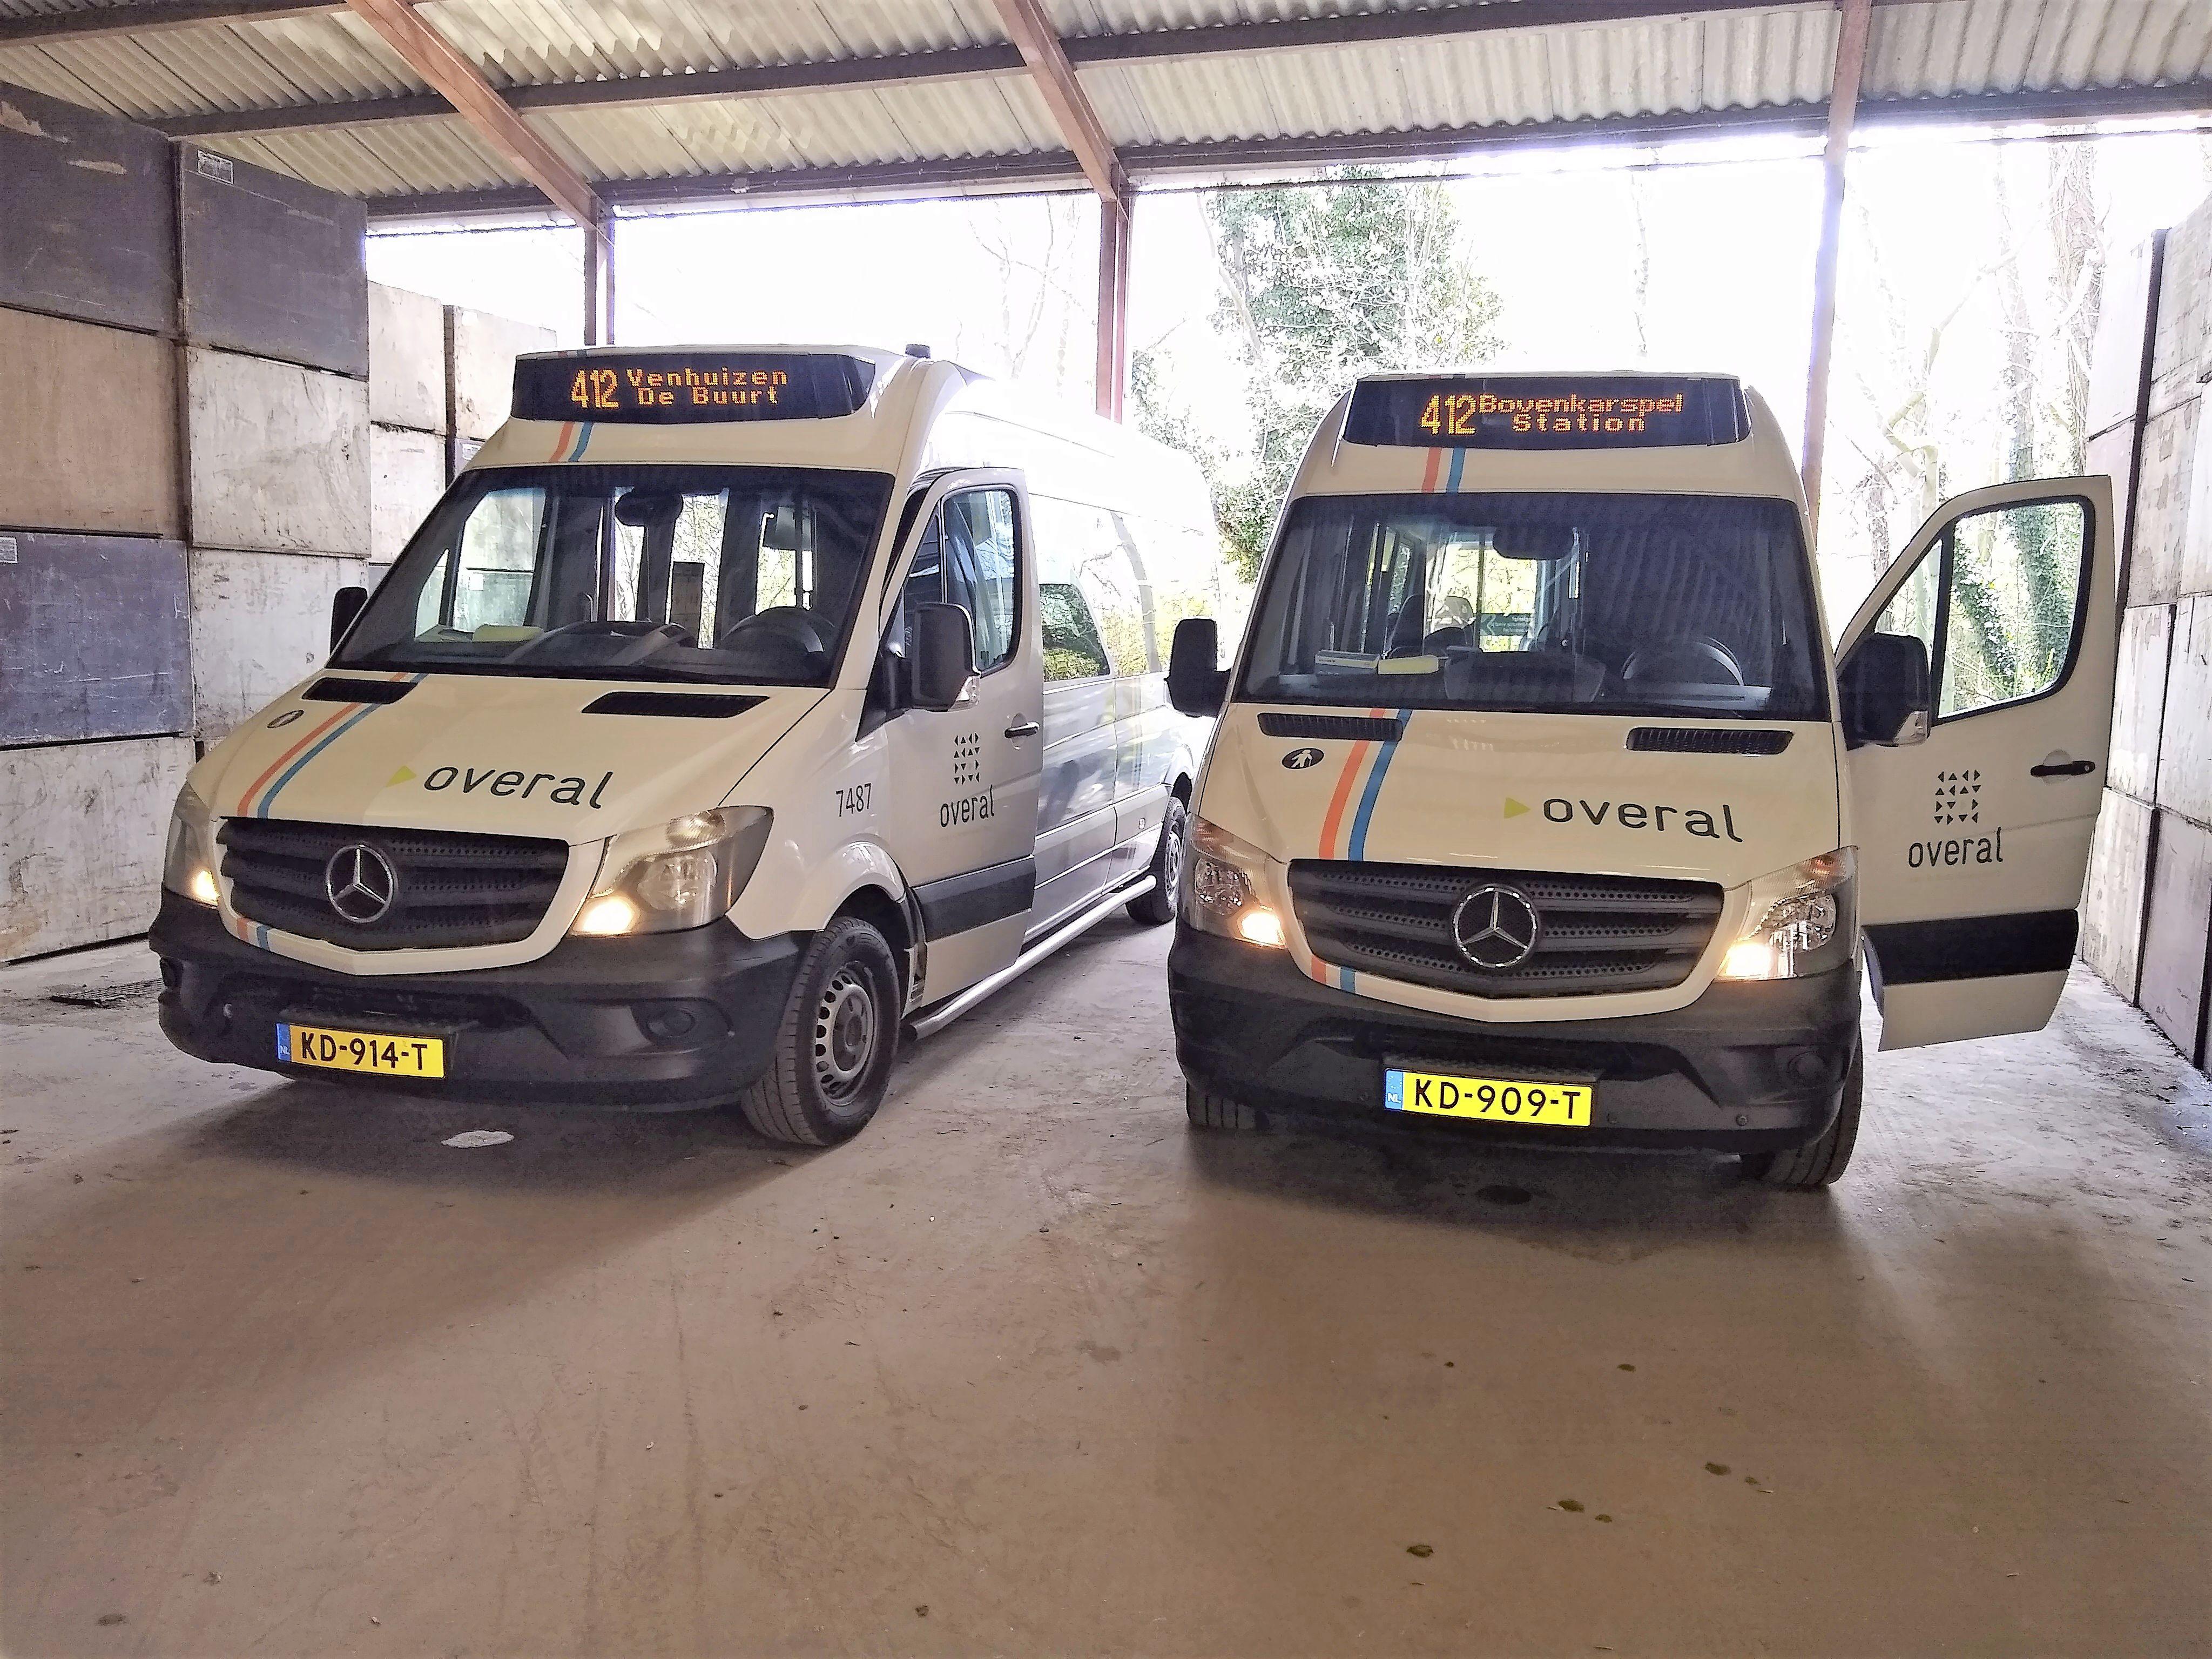 Buurtbus 412 door Venhuizen krijgt meer passagiers